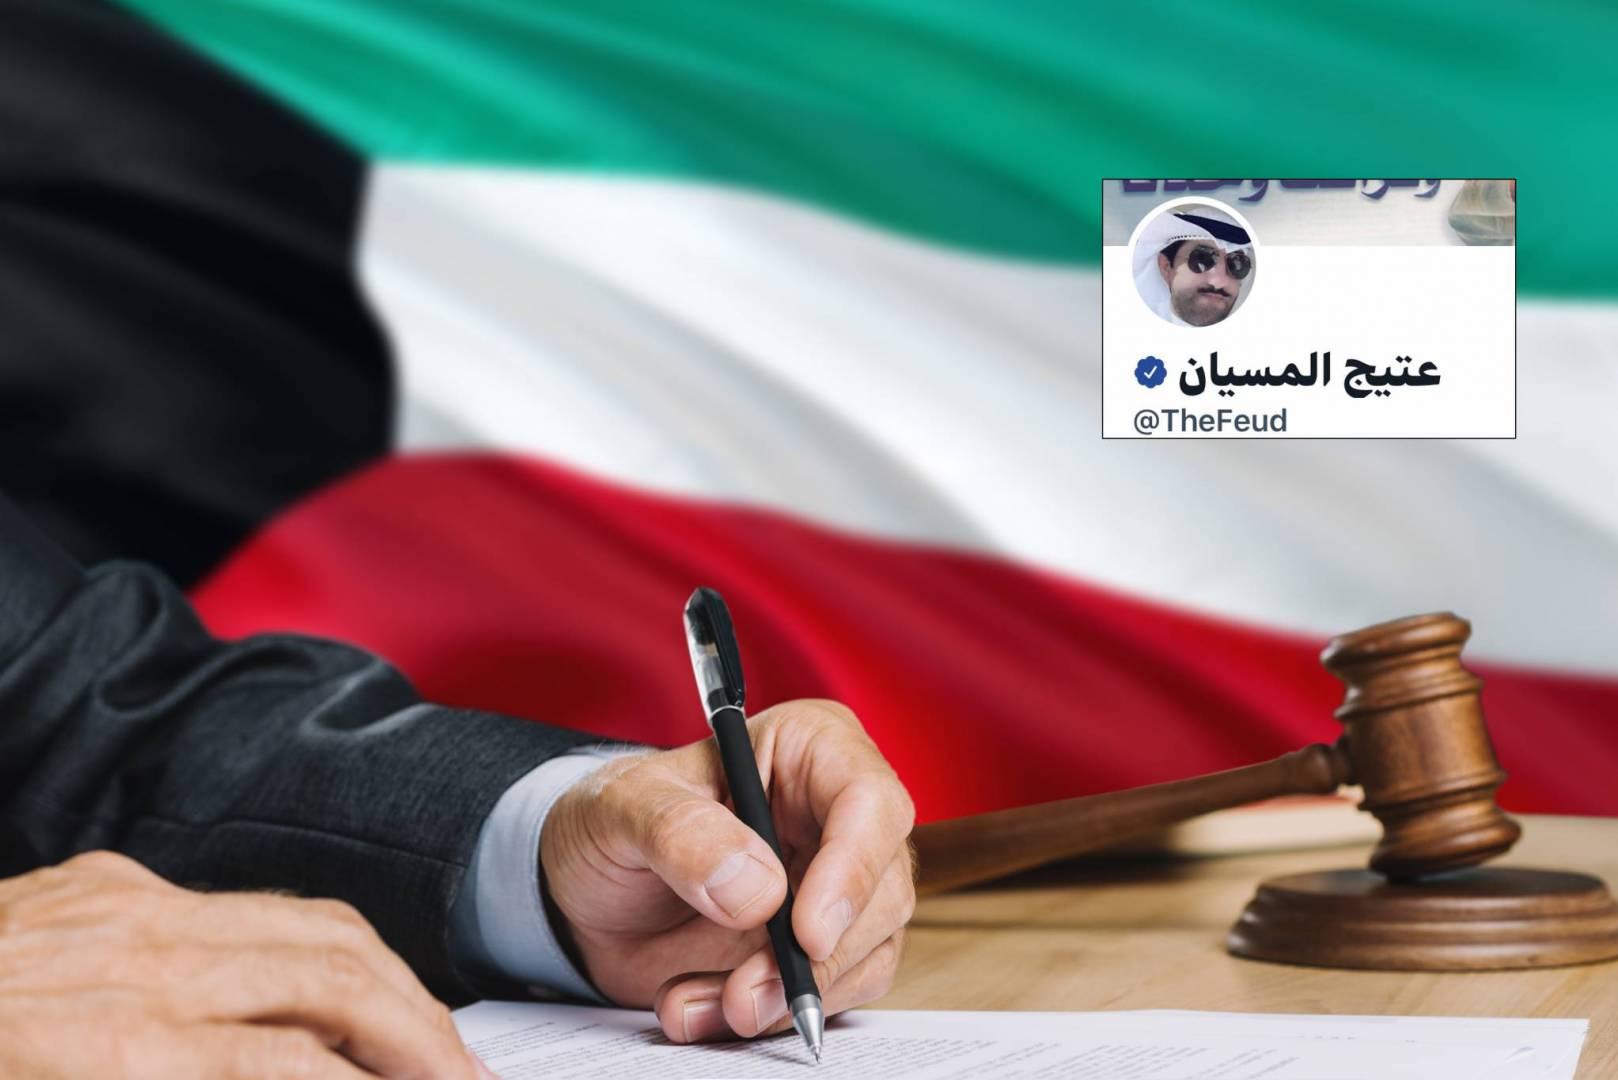 استمرار حجز المتهم بإدارة حساب «عتيج المسيان» وعدد من المتظاهرين «البدون»